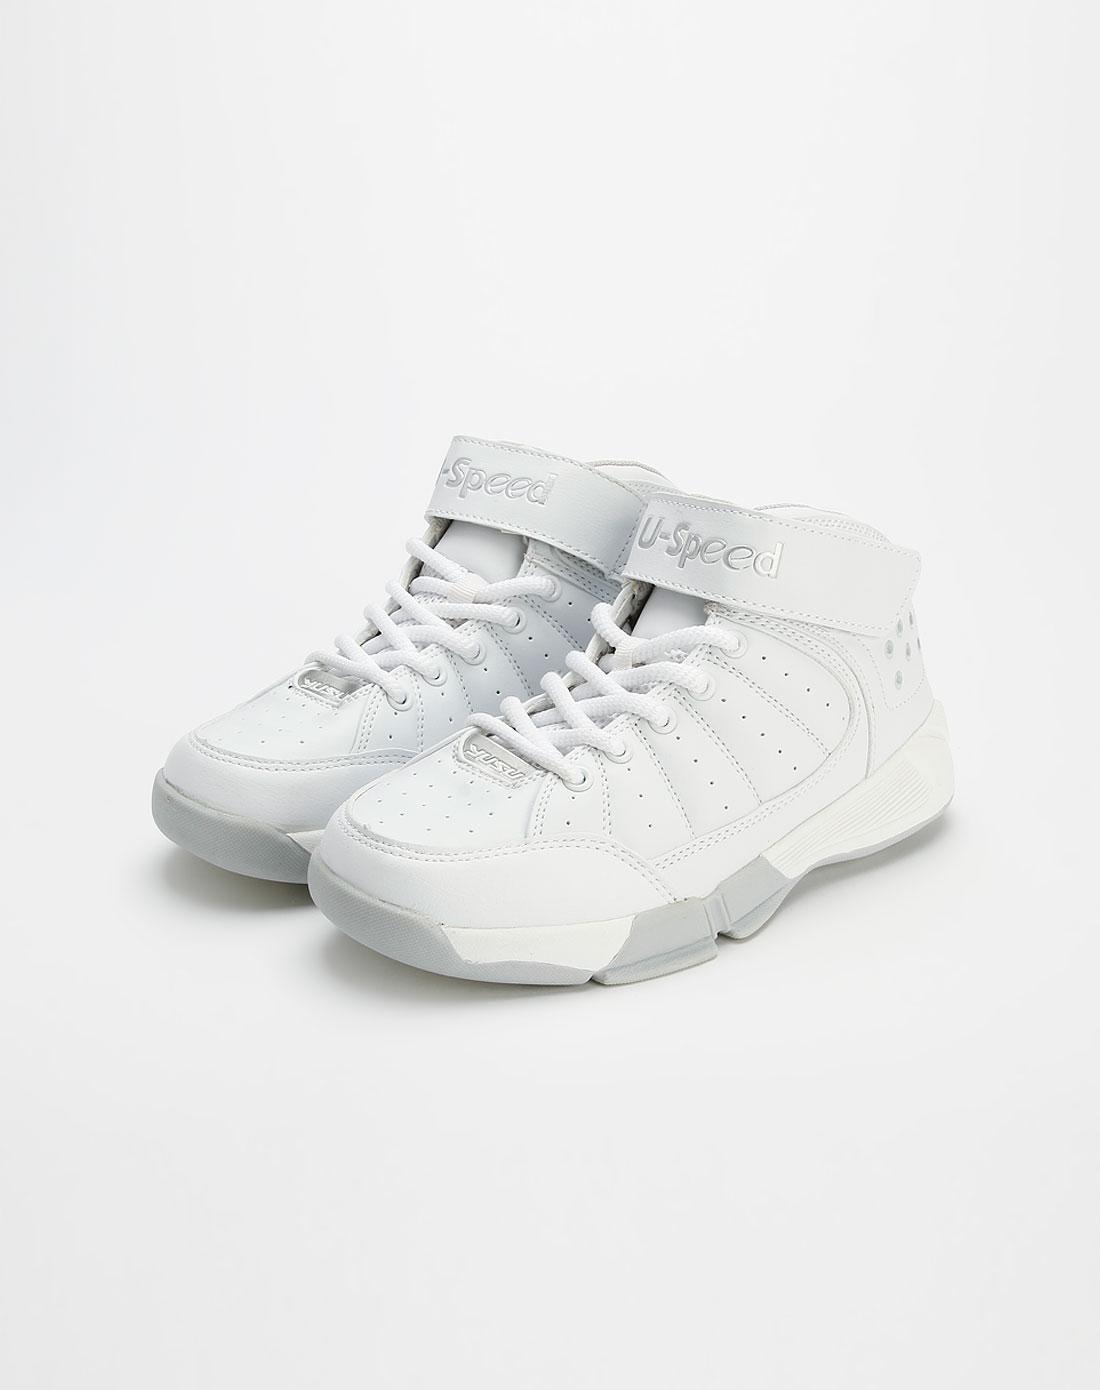 宇速男款白色篮球鞋